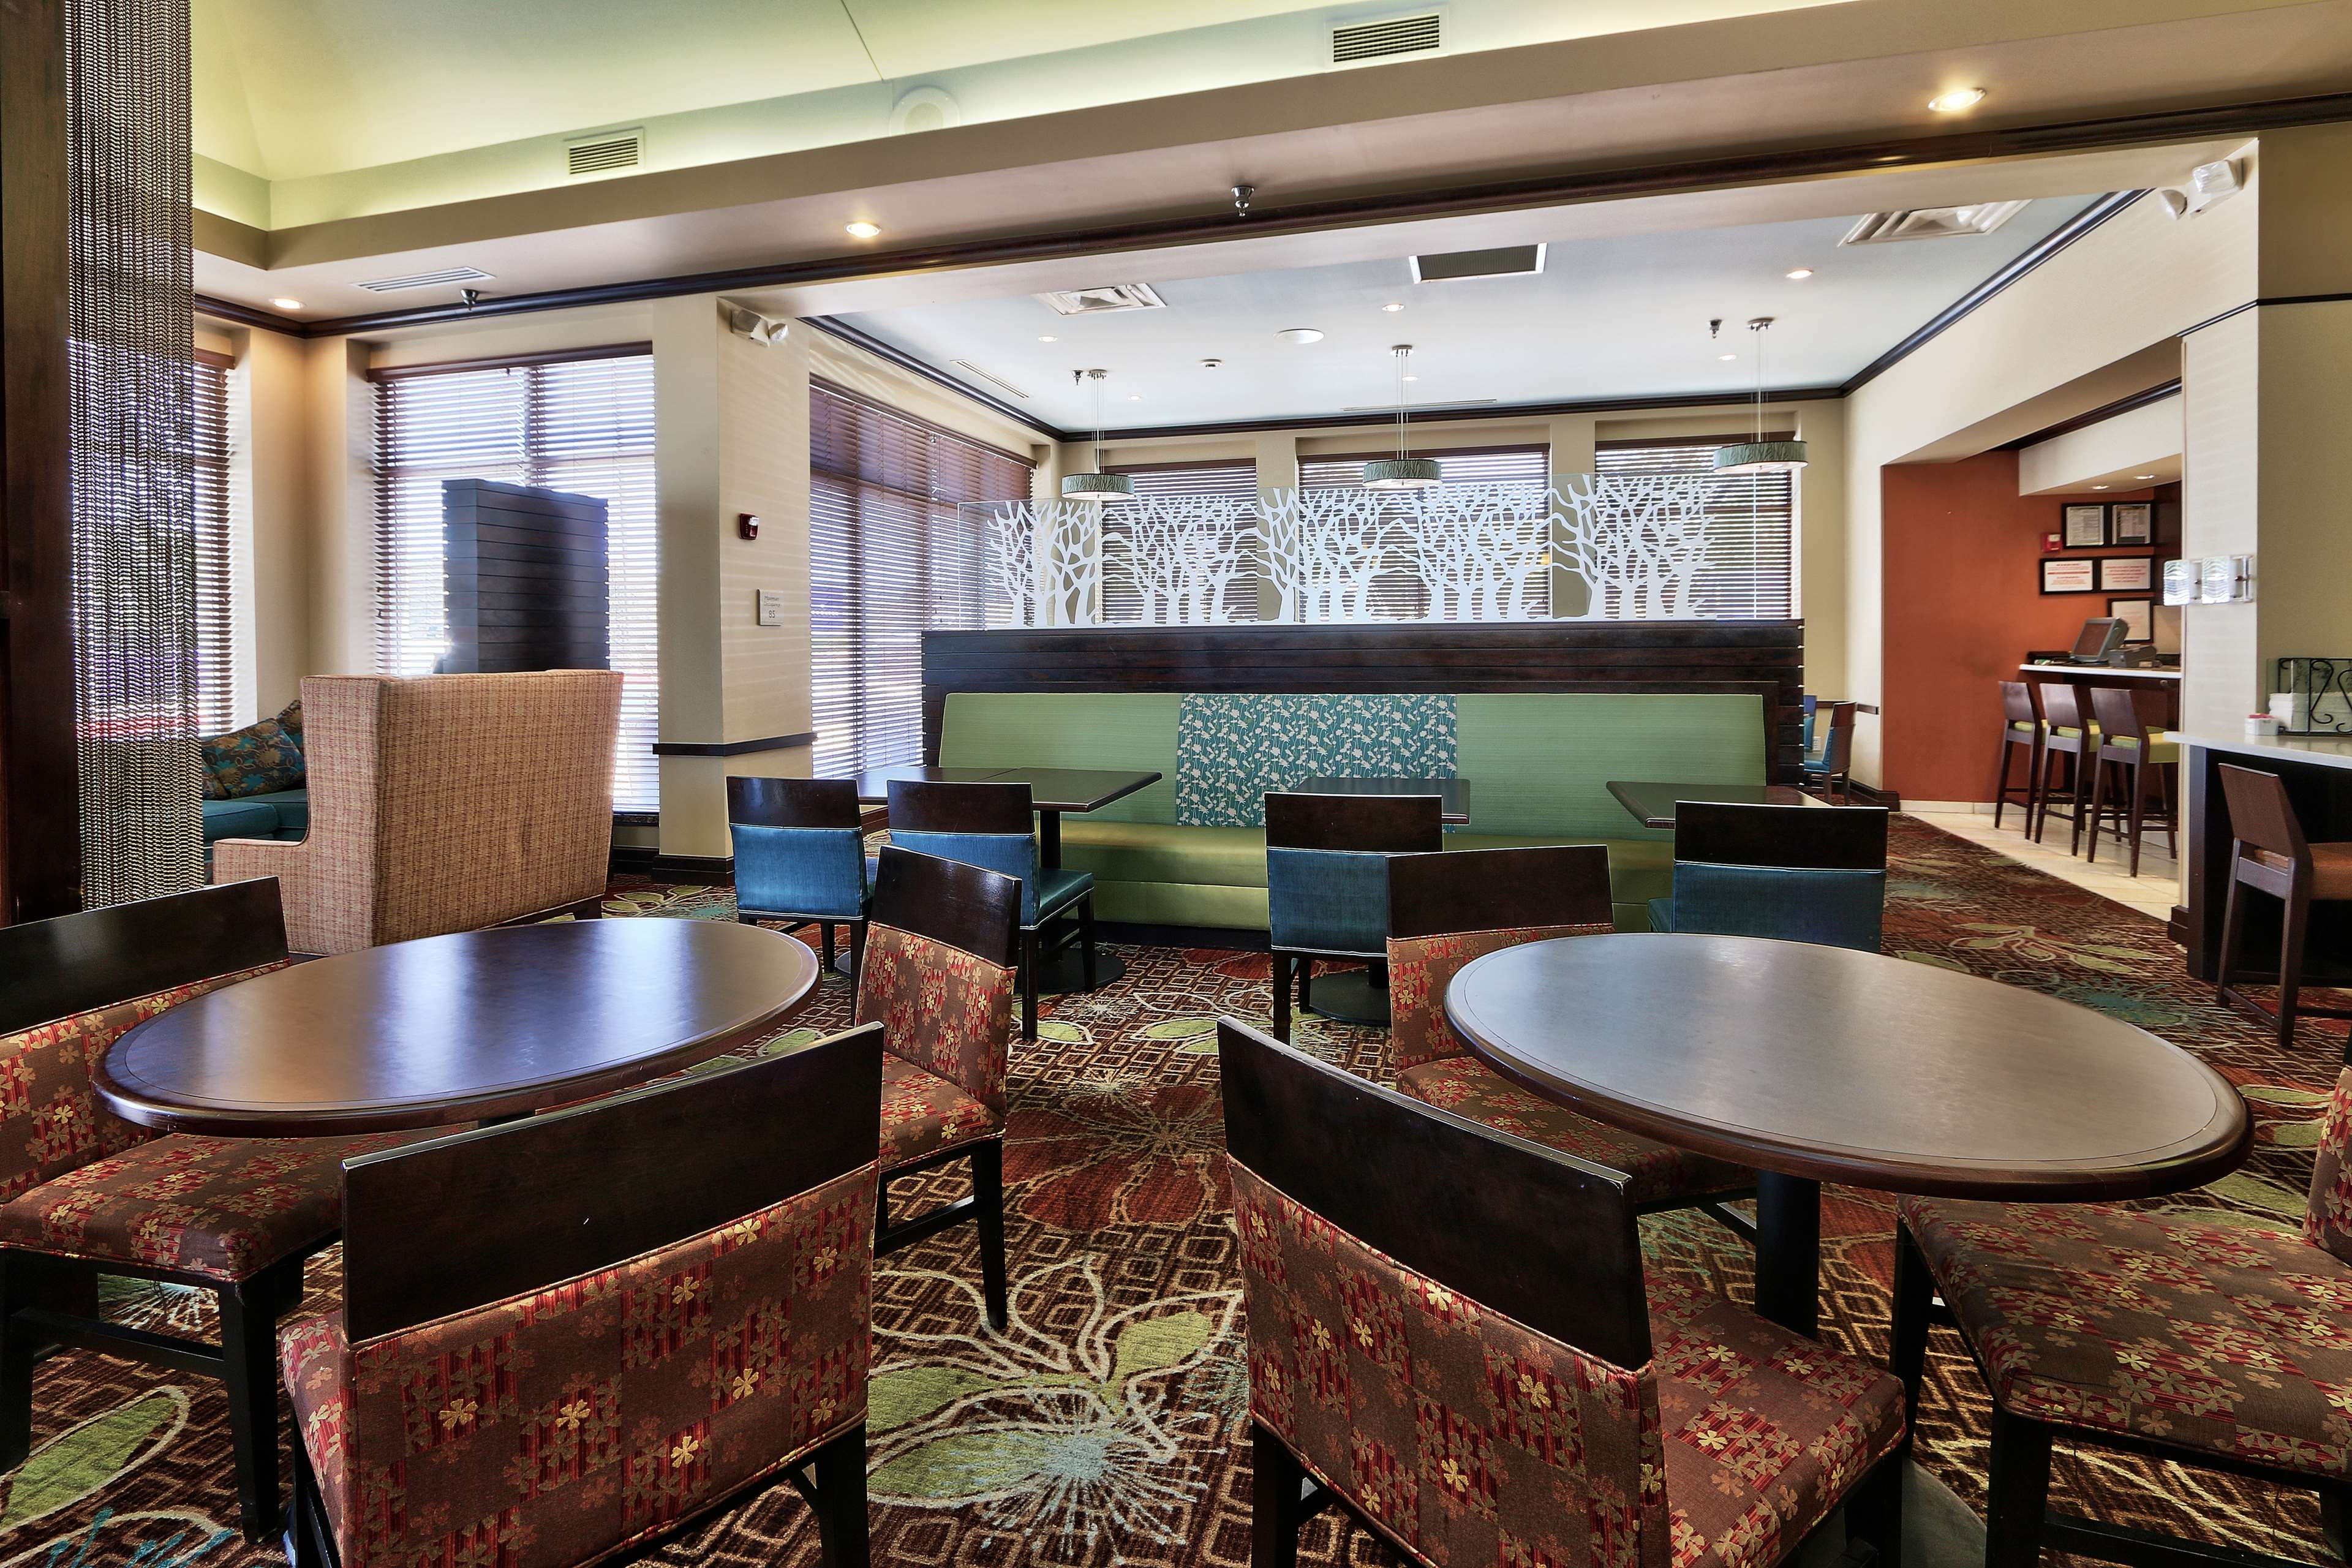 Hilton garden inn albuquerque journal center albuquerque - Hilton garden inn albuquerque journal center ...